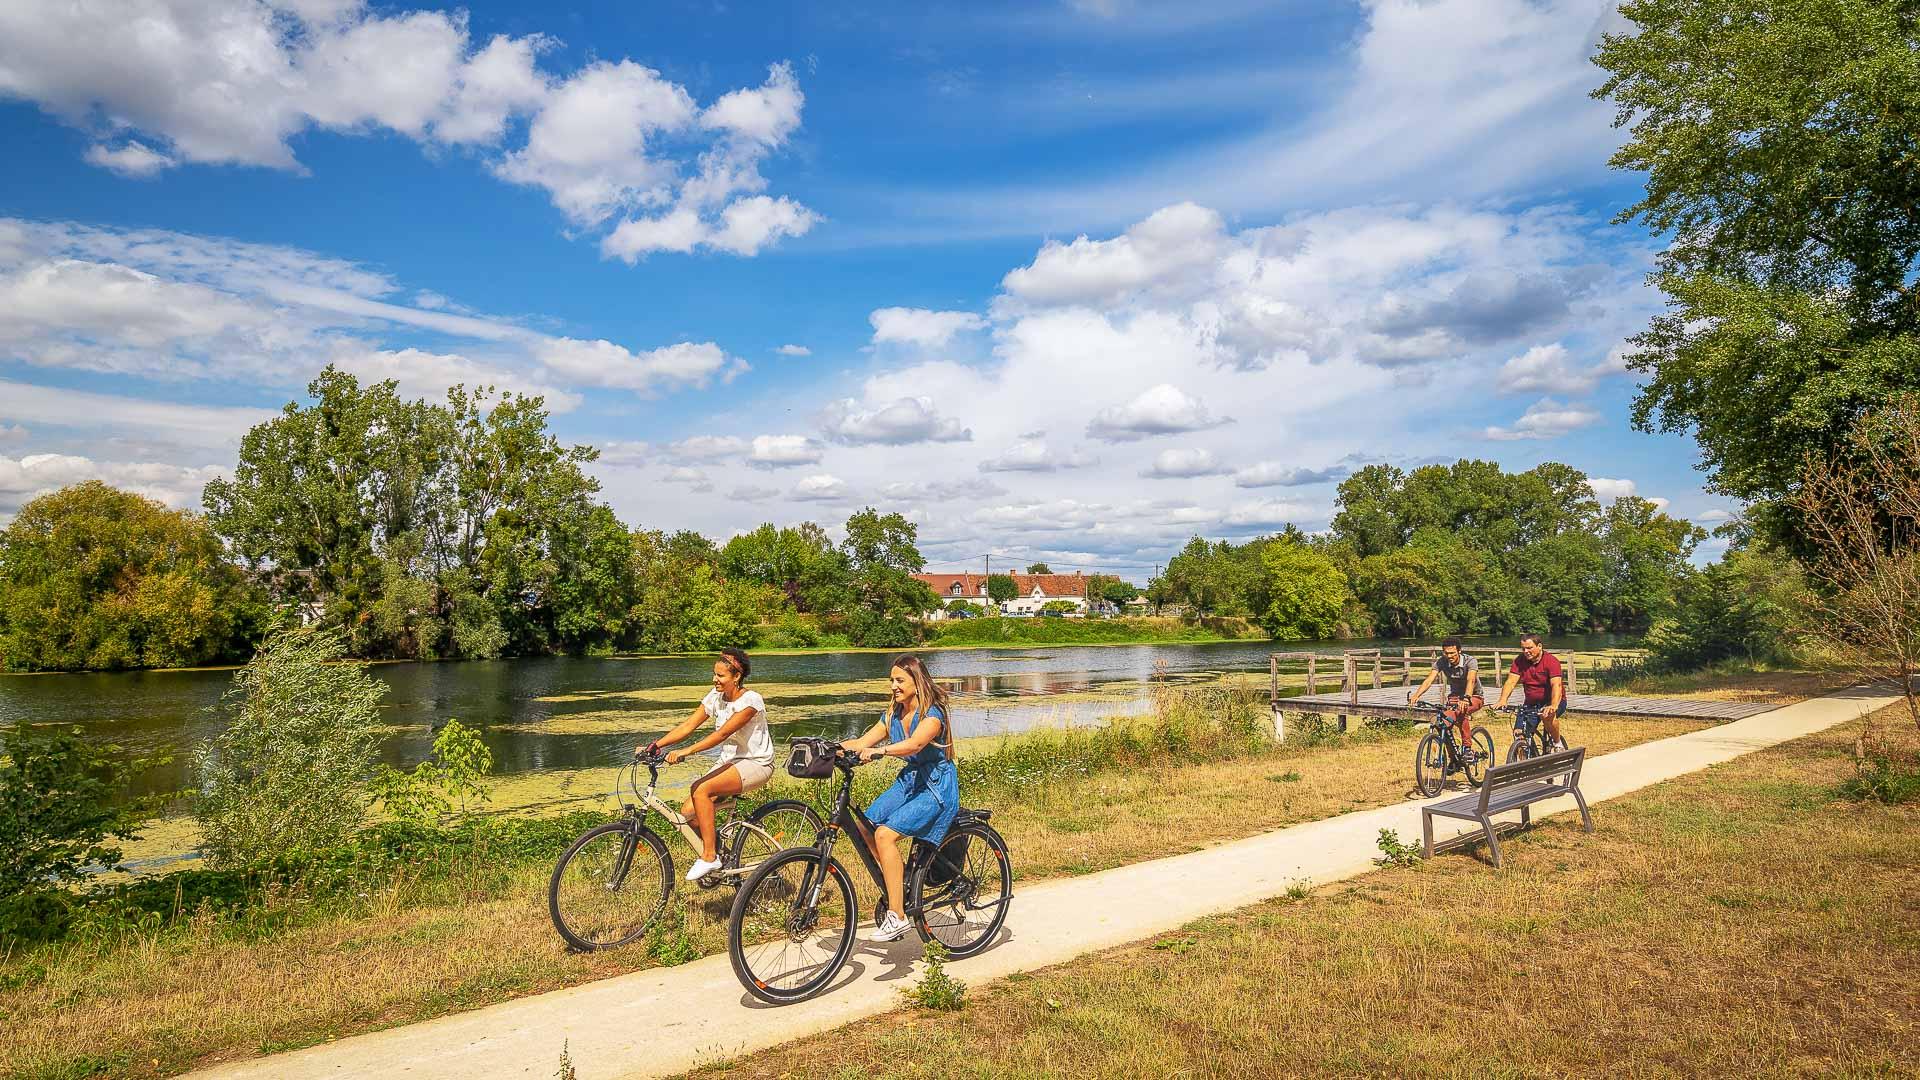 En roue libre : Cœur de France à vélo (Val de Cher - Canal de Berry)